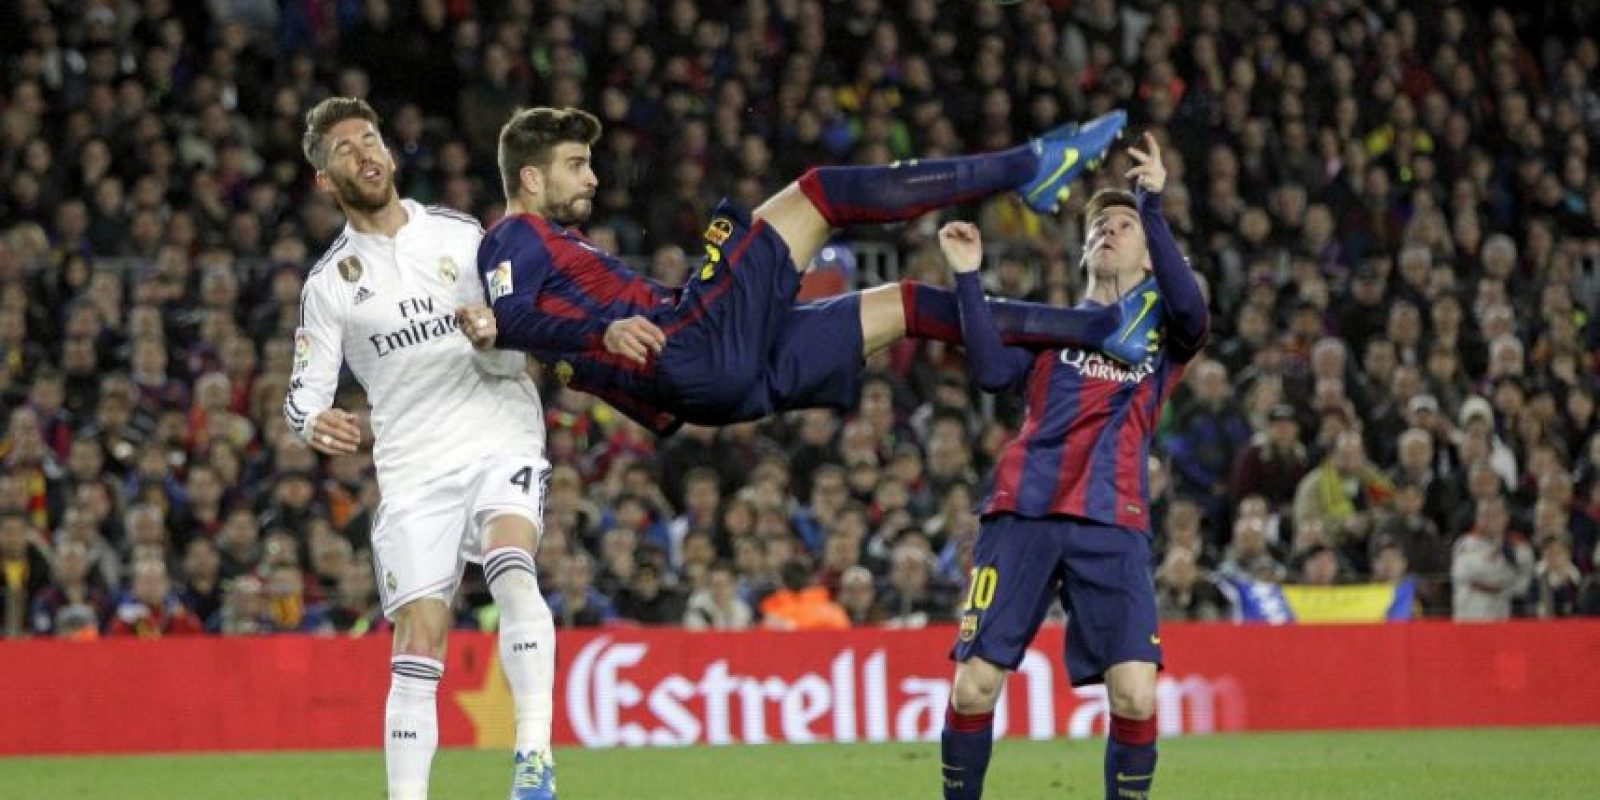 Los momentos más comentados fueron el final del partido, el primer gol de Cristiano Ronaldo y la anotación de Matthieu para el Barcelona Foto:AP